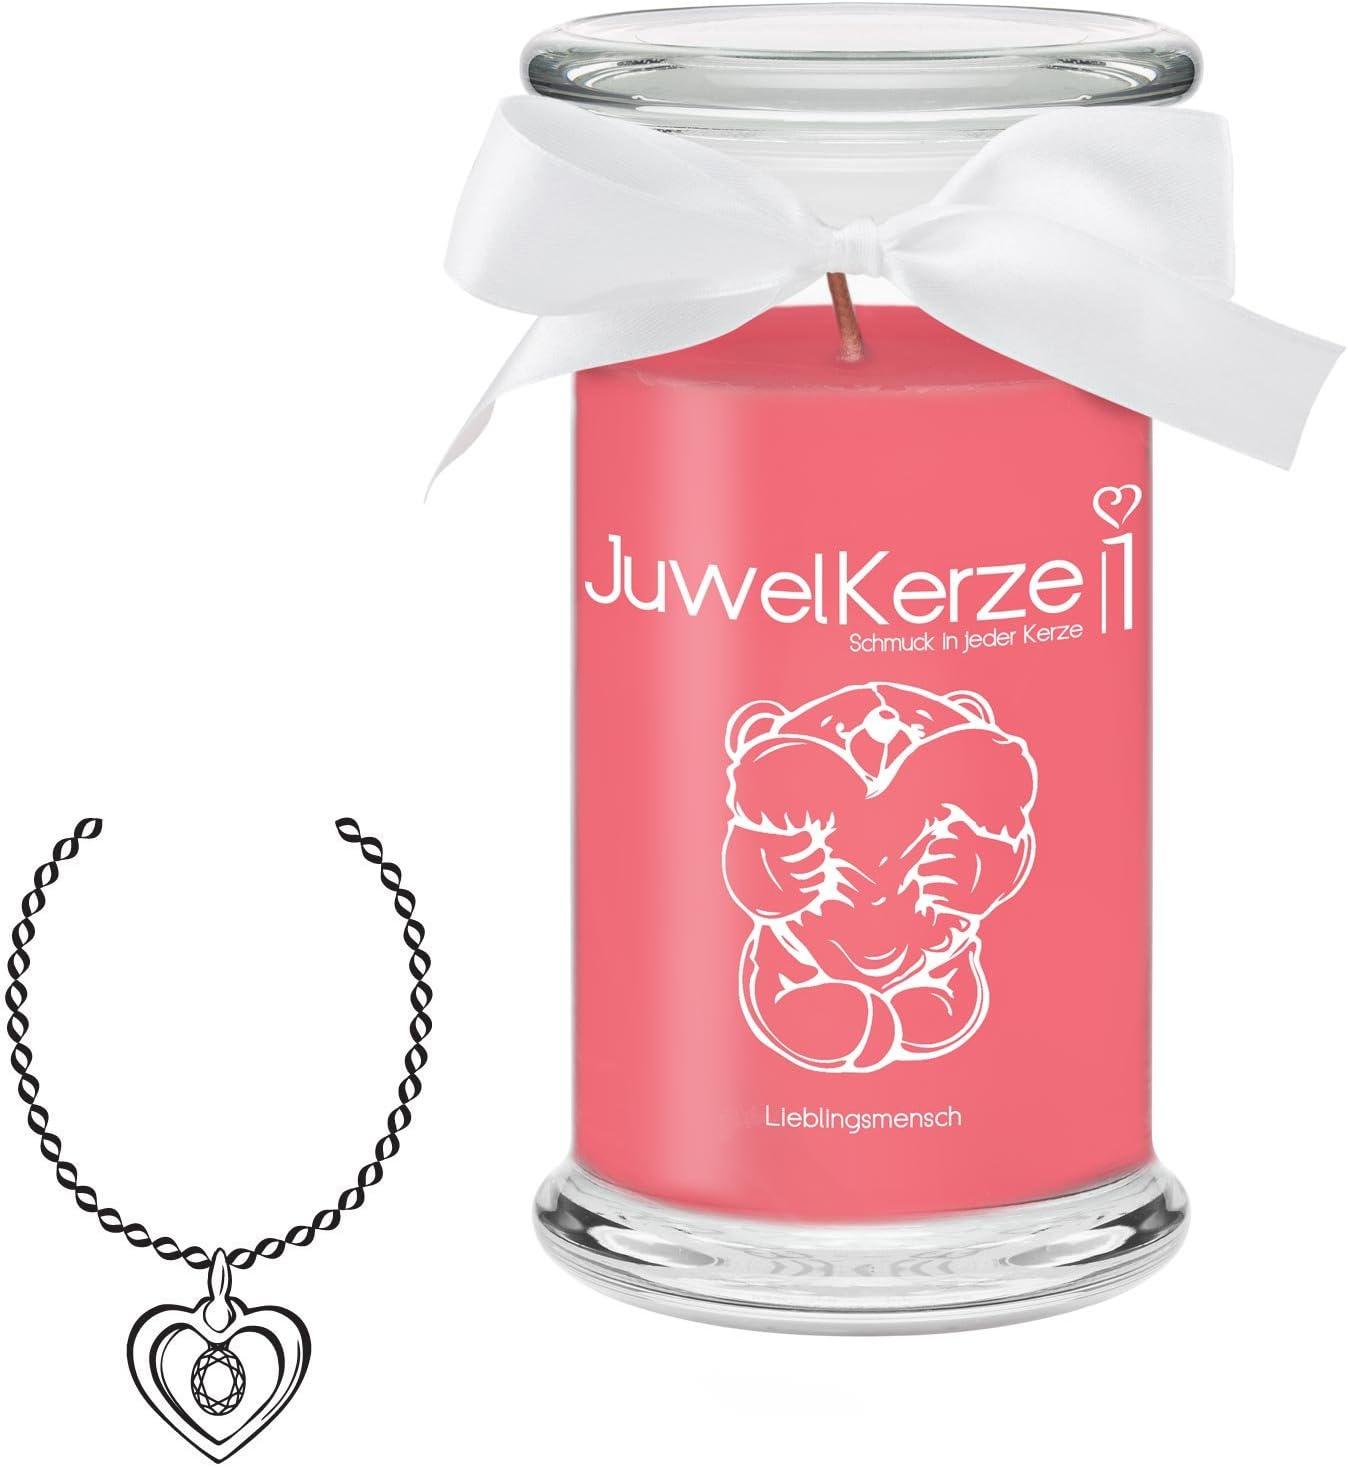 Kerze im Glas mit Schmuck Silber Armband, Brenndauer: 90-120 Stunden Gro/ße rote Duftkerze mit /Überraschung als Geschenk f/ür Sie JuwelKerze Ich Liebe Dich